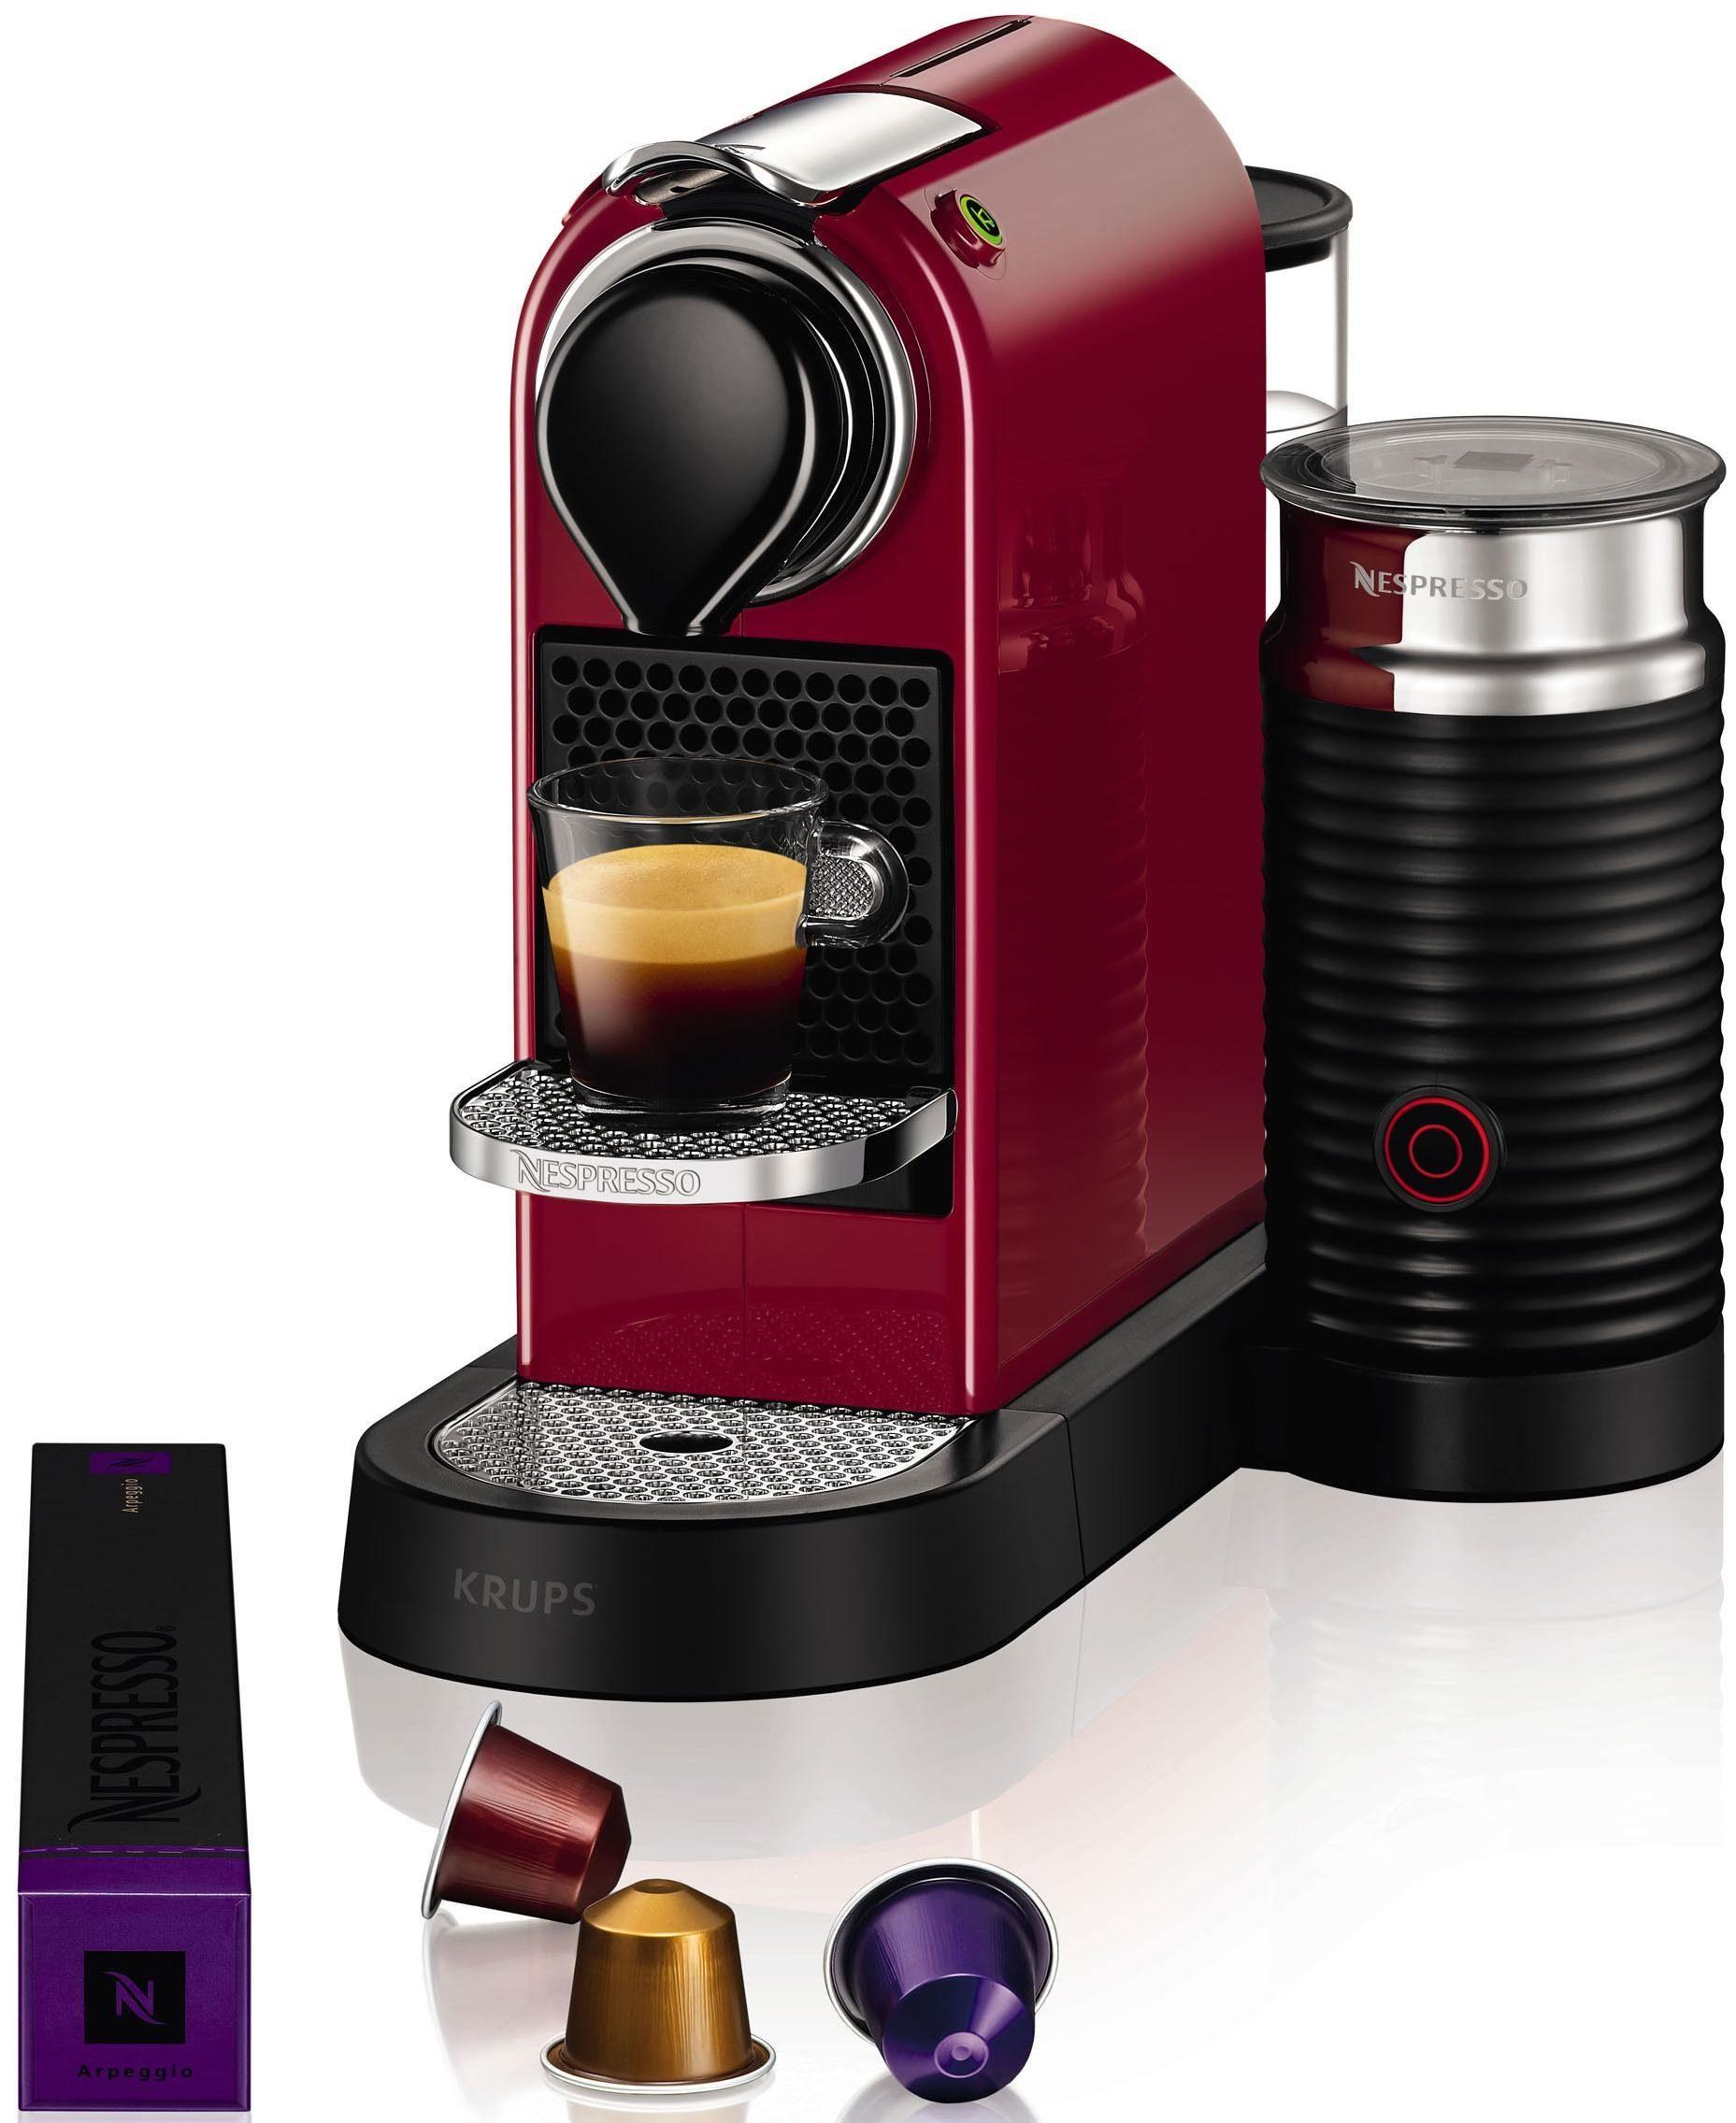 Nespresso Kapselmaschine NESPRESSO XN7605 CitiZ&milk, mit Aeroccino Milchaufschäumer